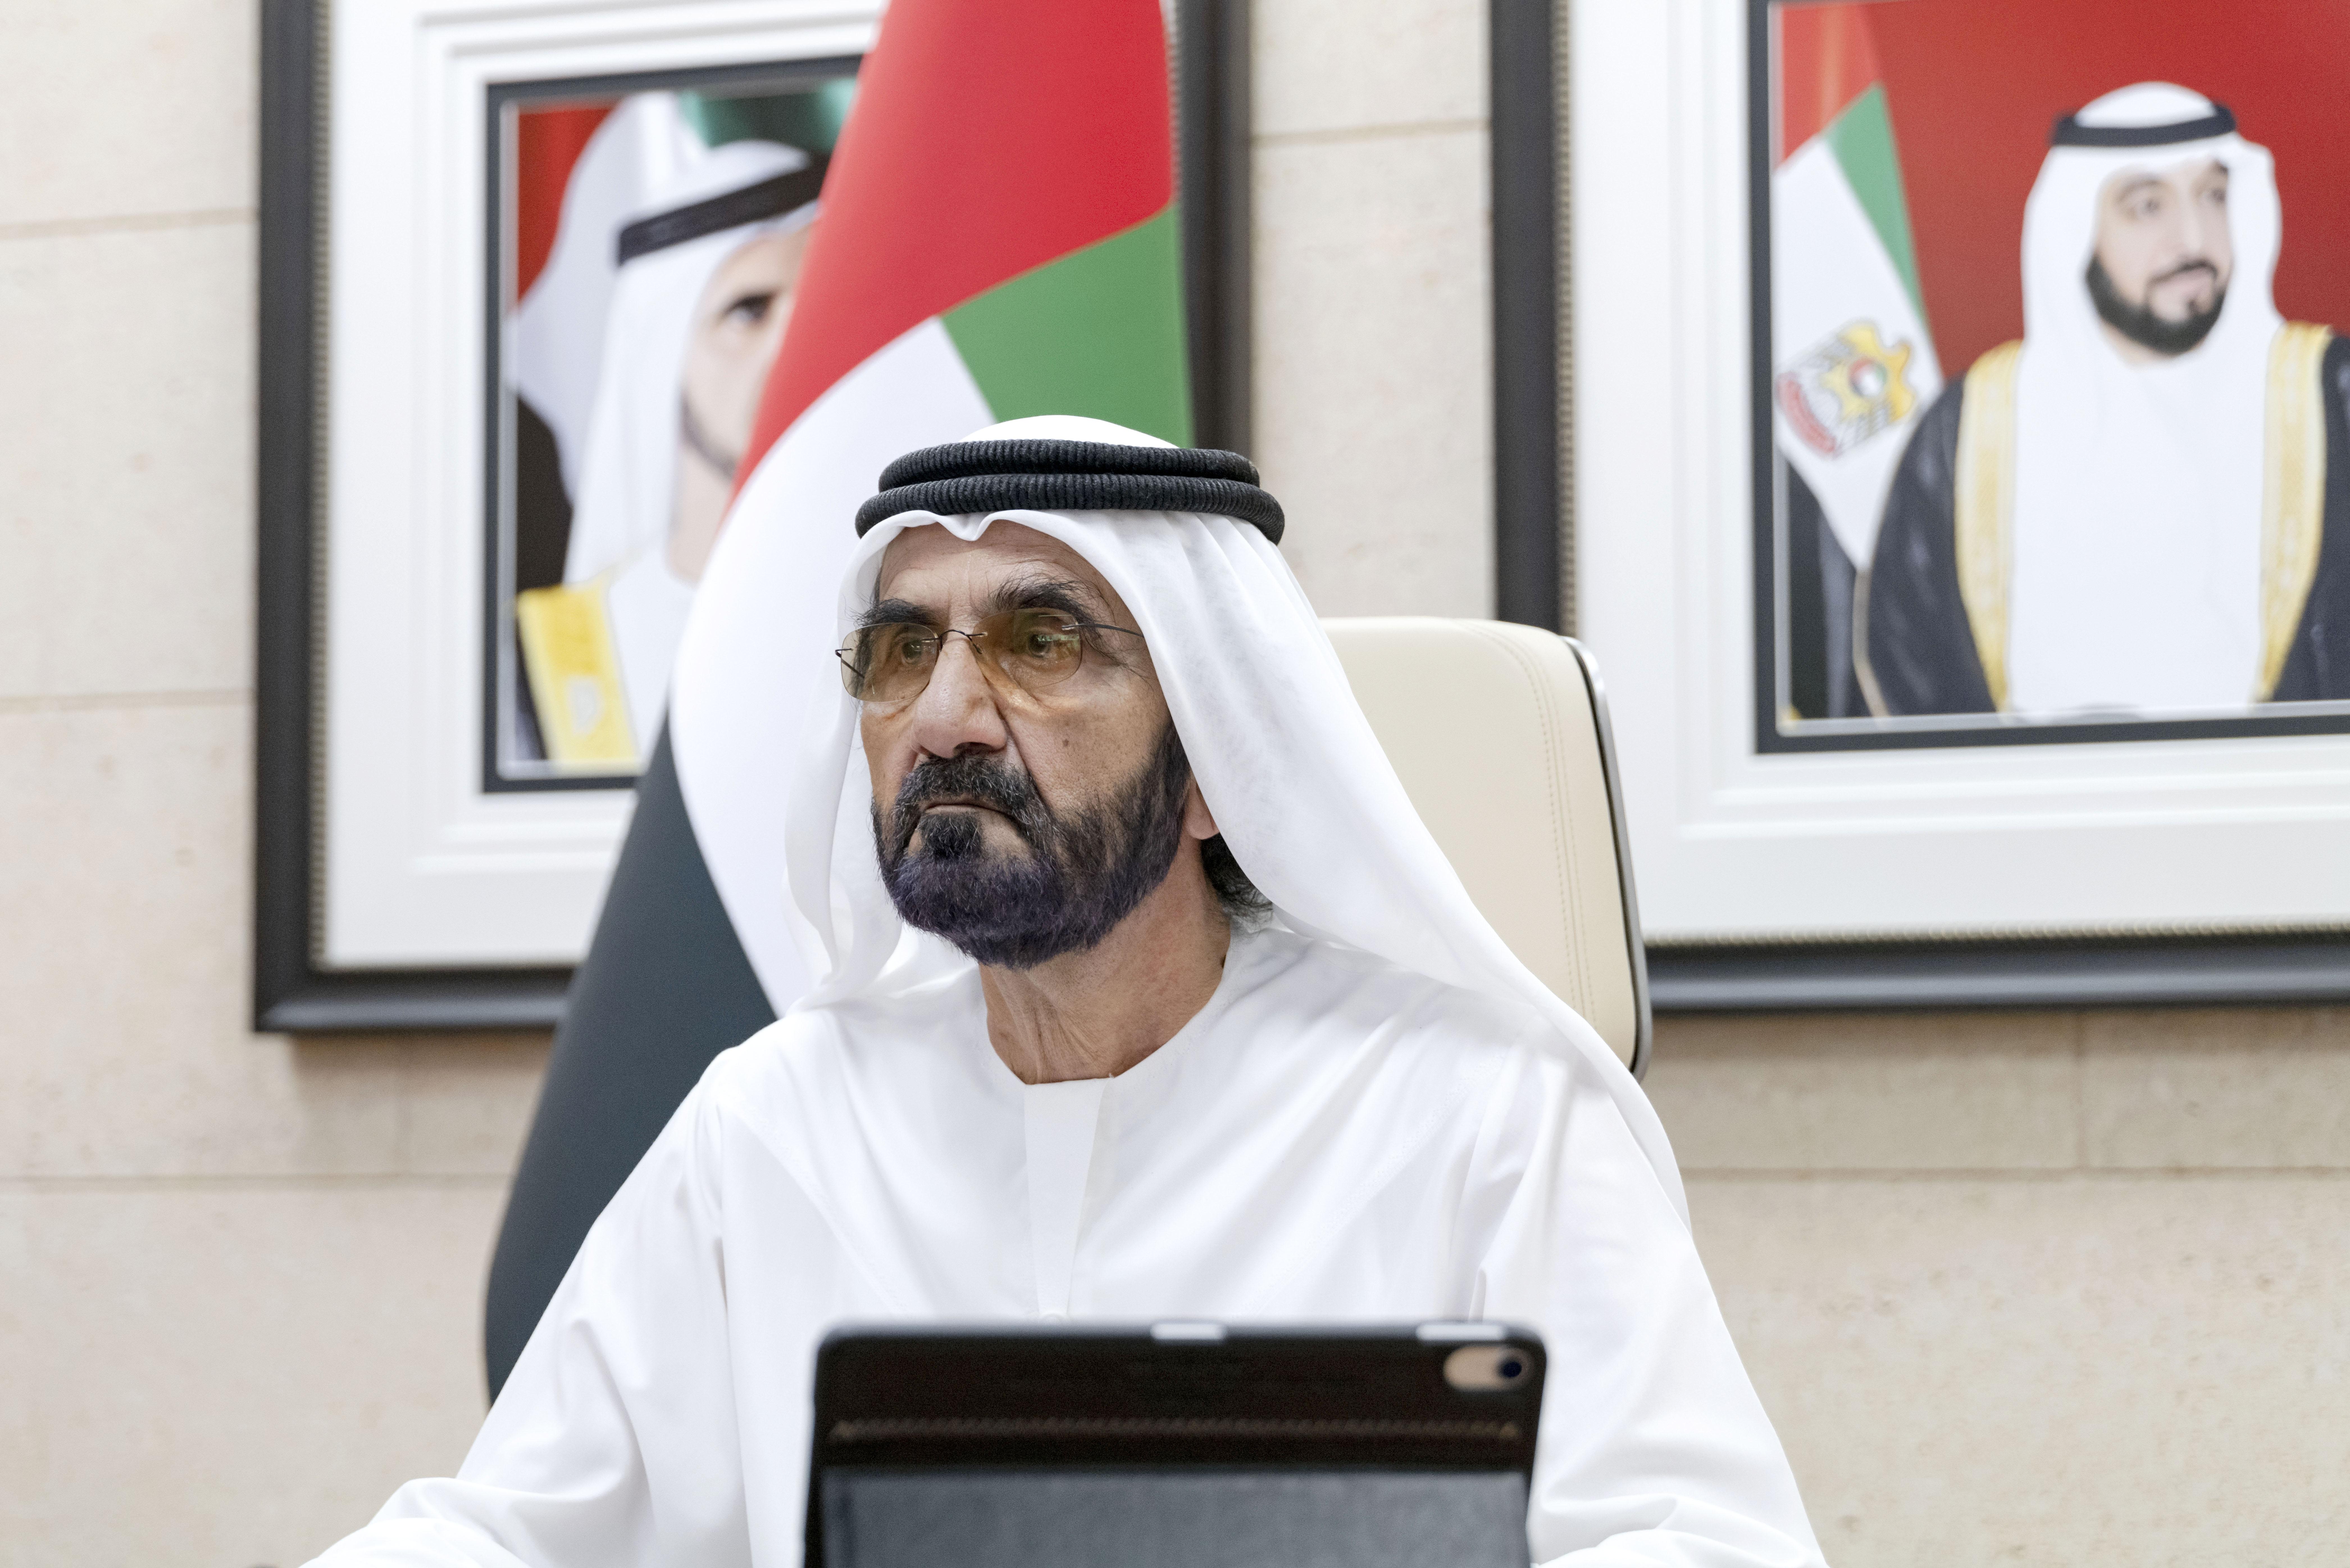 His Highness Sheikh Mohammed bin Rashid Al Maktoum - Mohammed bin Rashid says experience has made us stronger and better